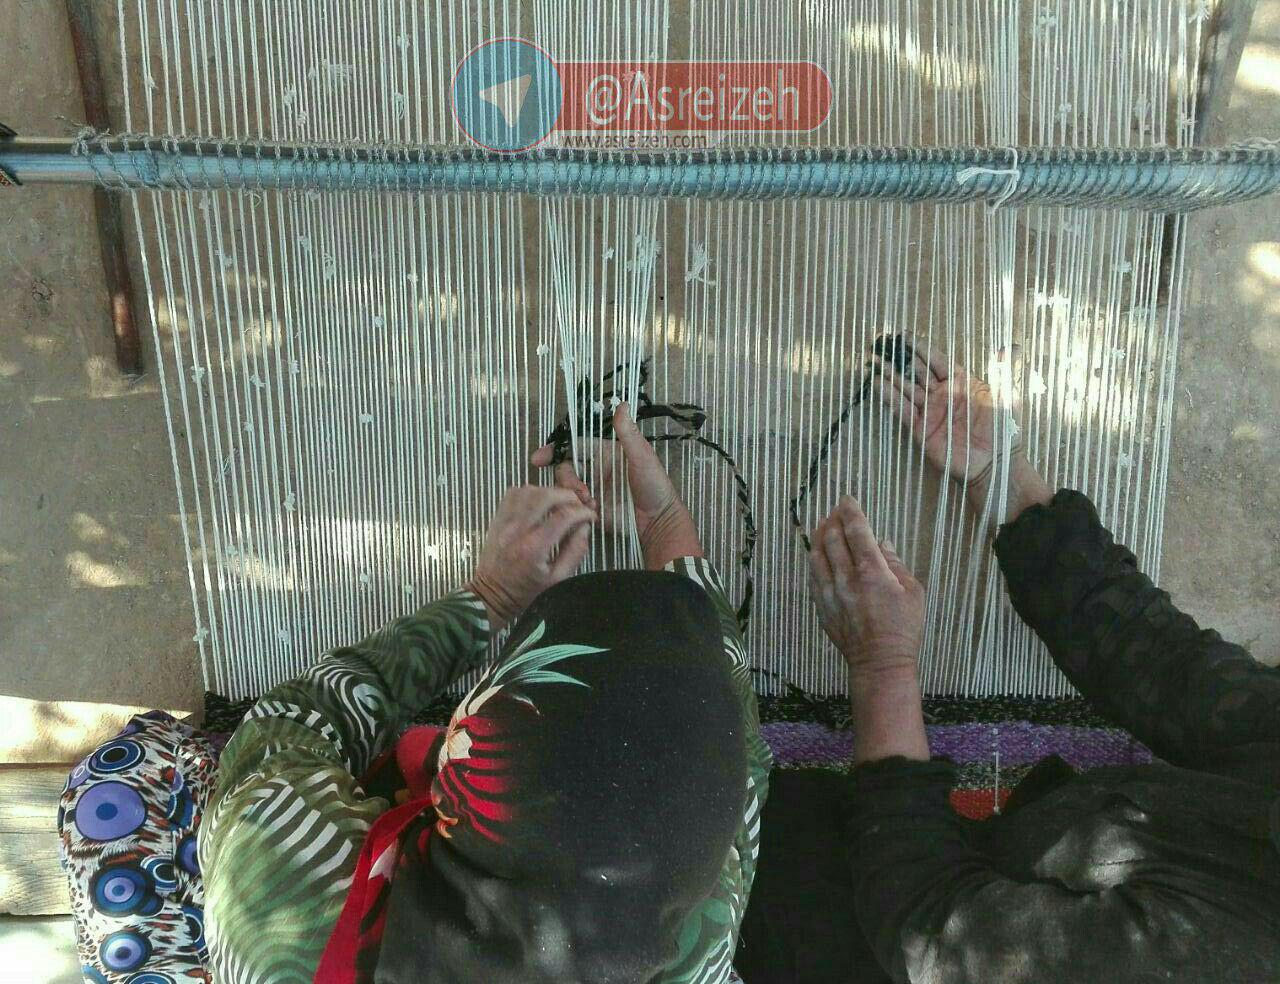 نیمقرن زیلوبافی در منطقه رمهچر ایذه